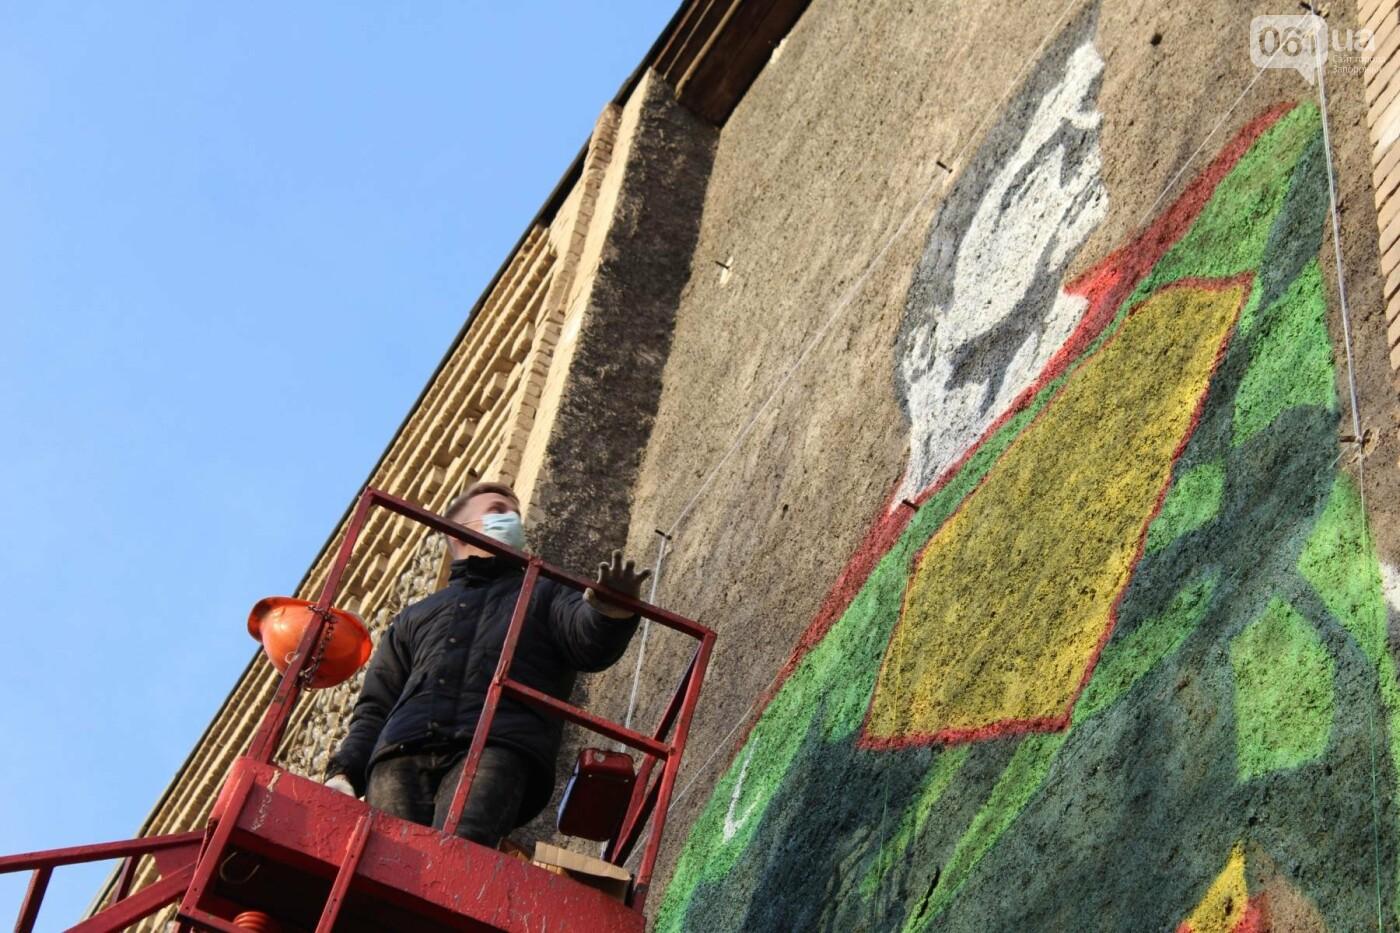 В студгородке создали огромный мурал с запорожским суперменом, — ФОТОРЕПОРТАЖ, фото-4